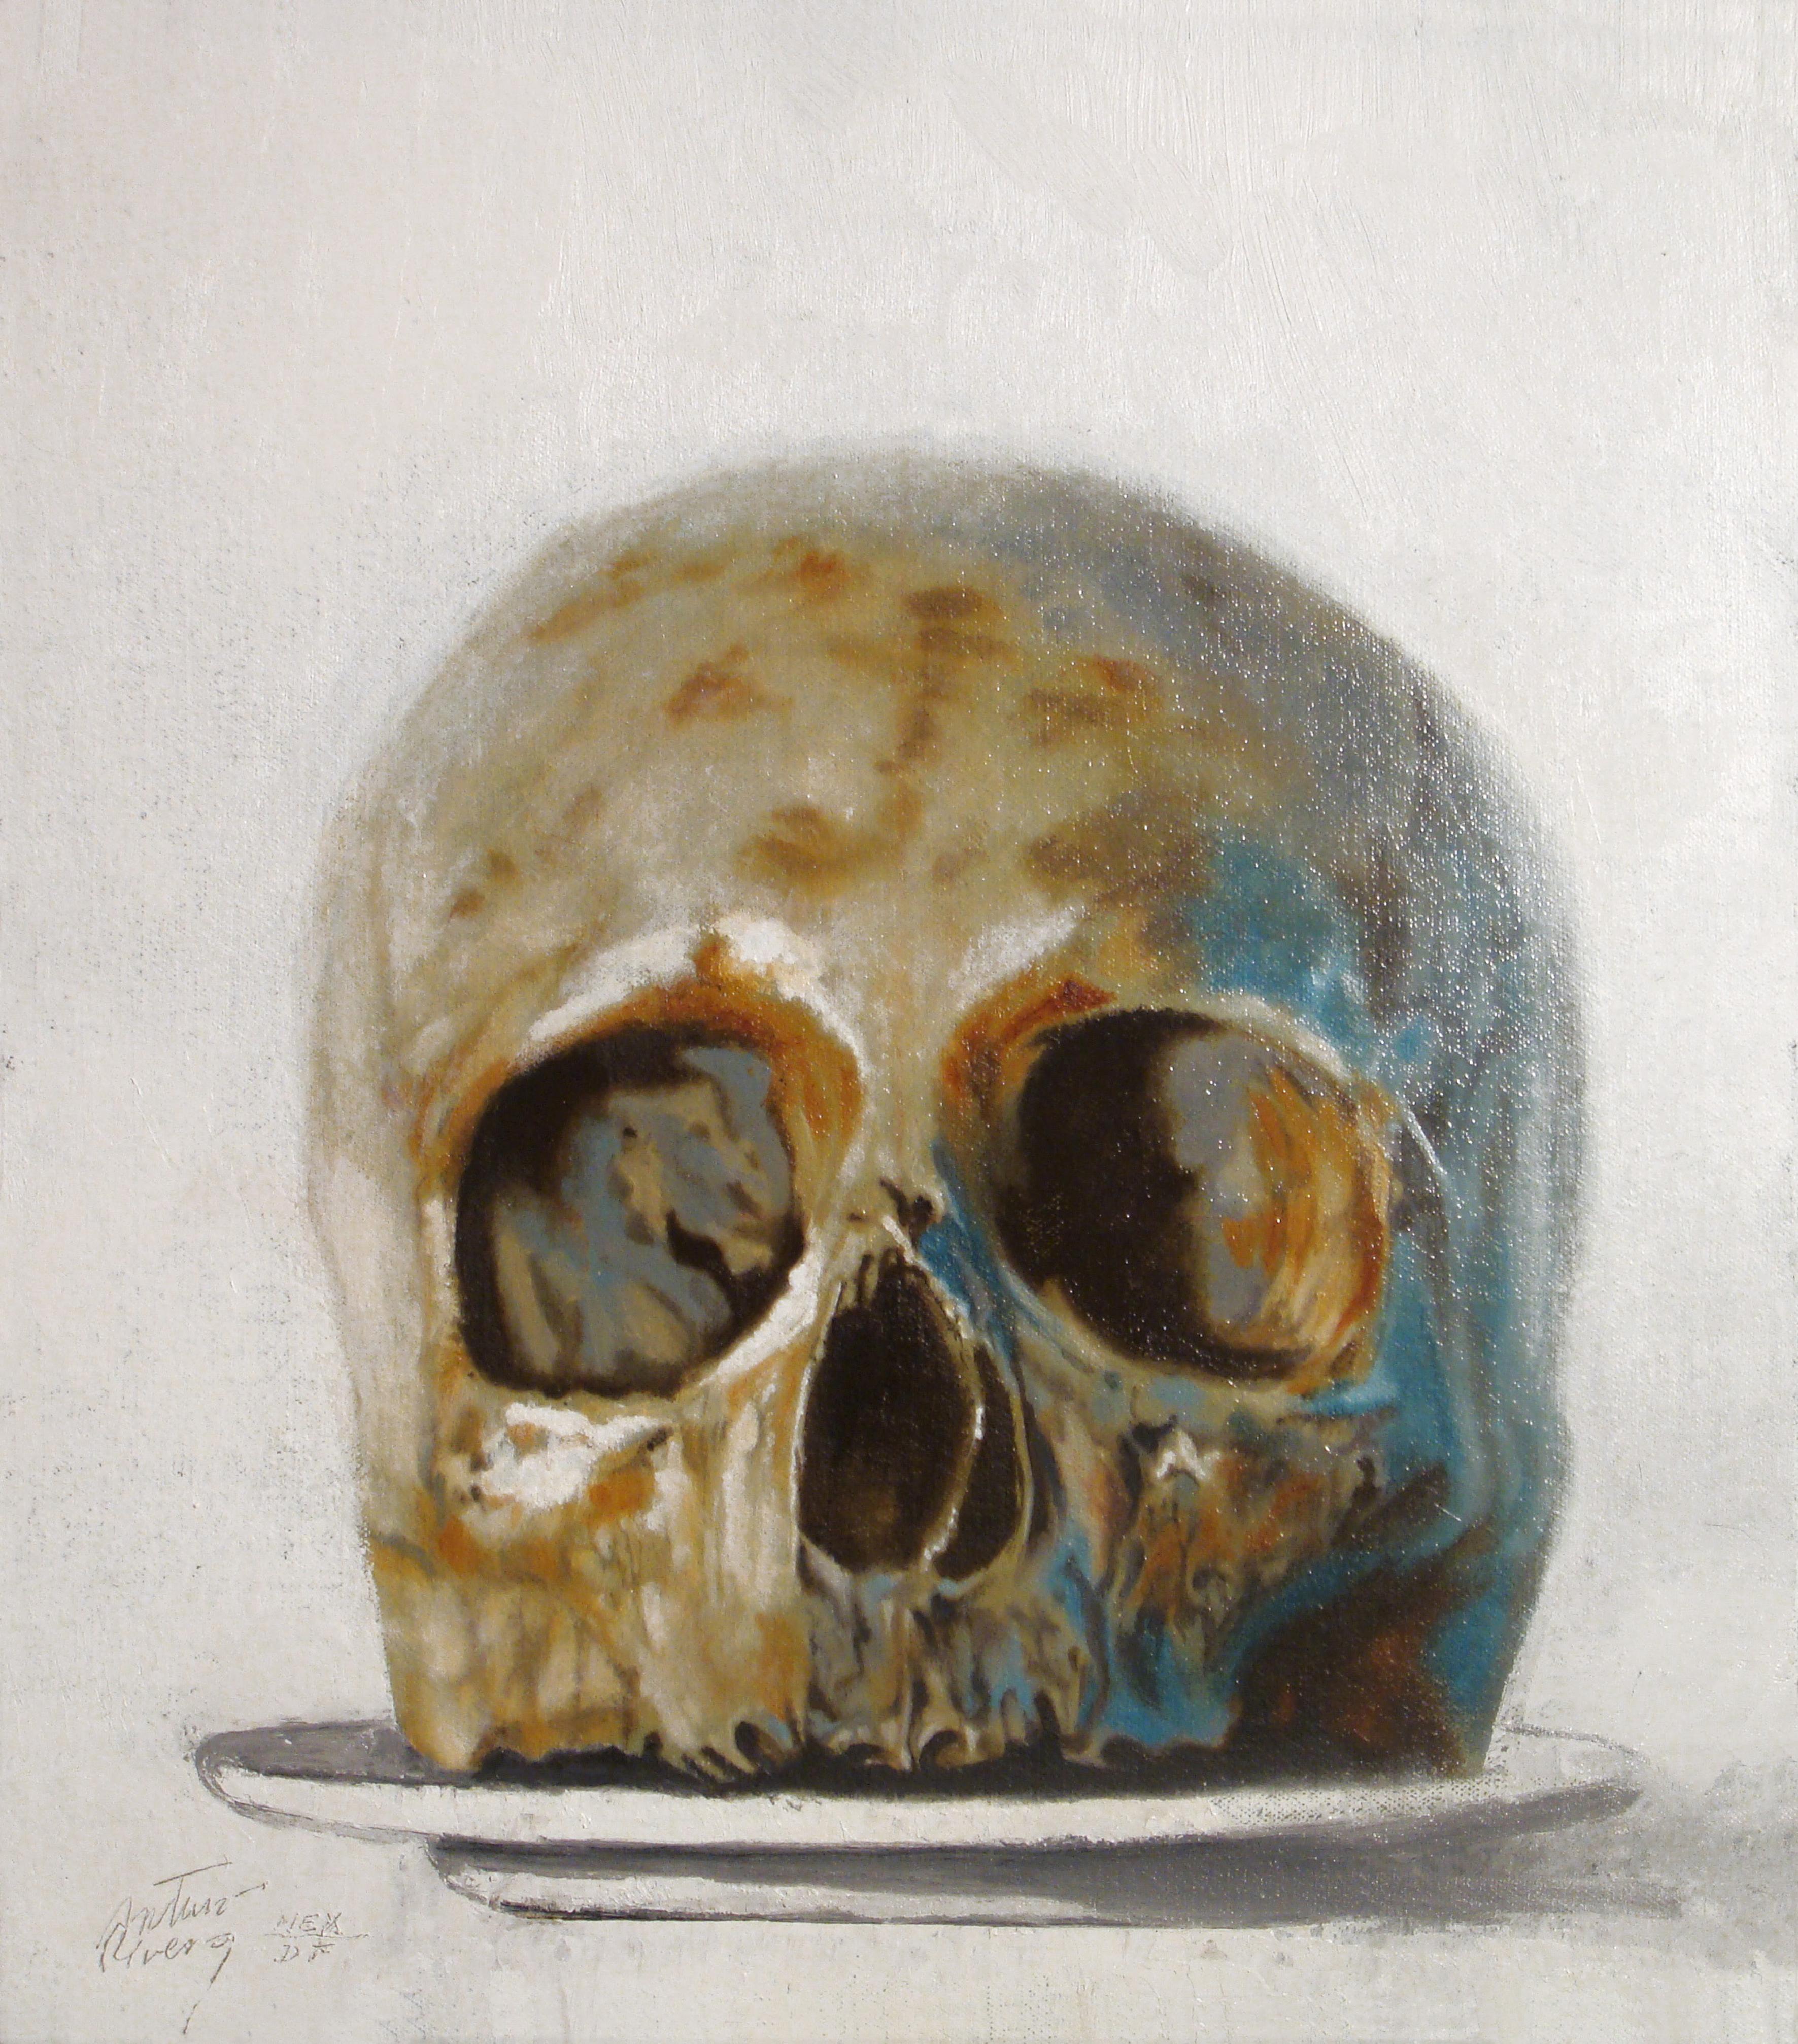 Dish skull